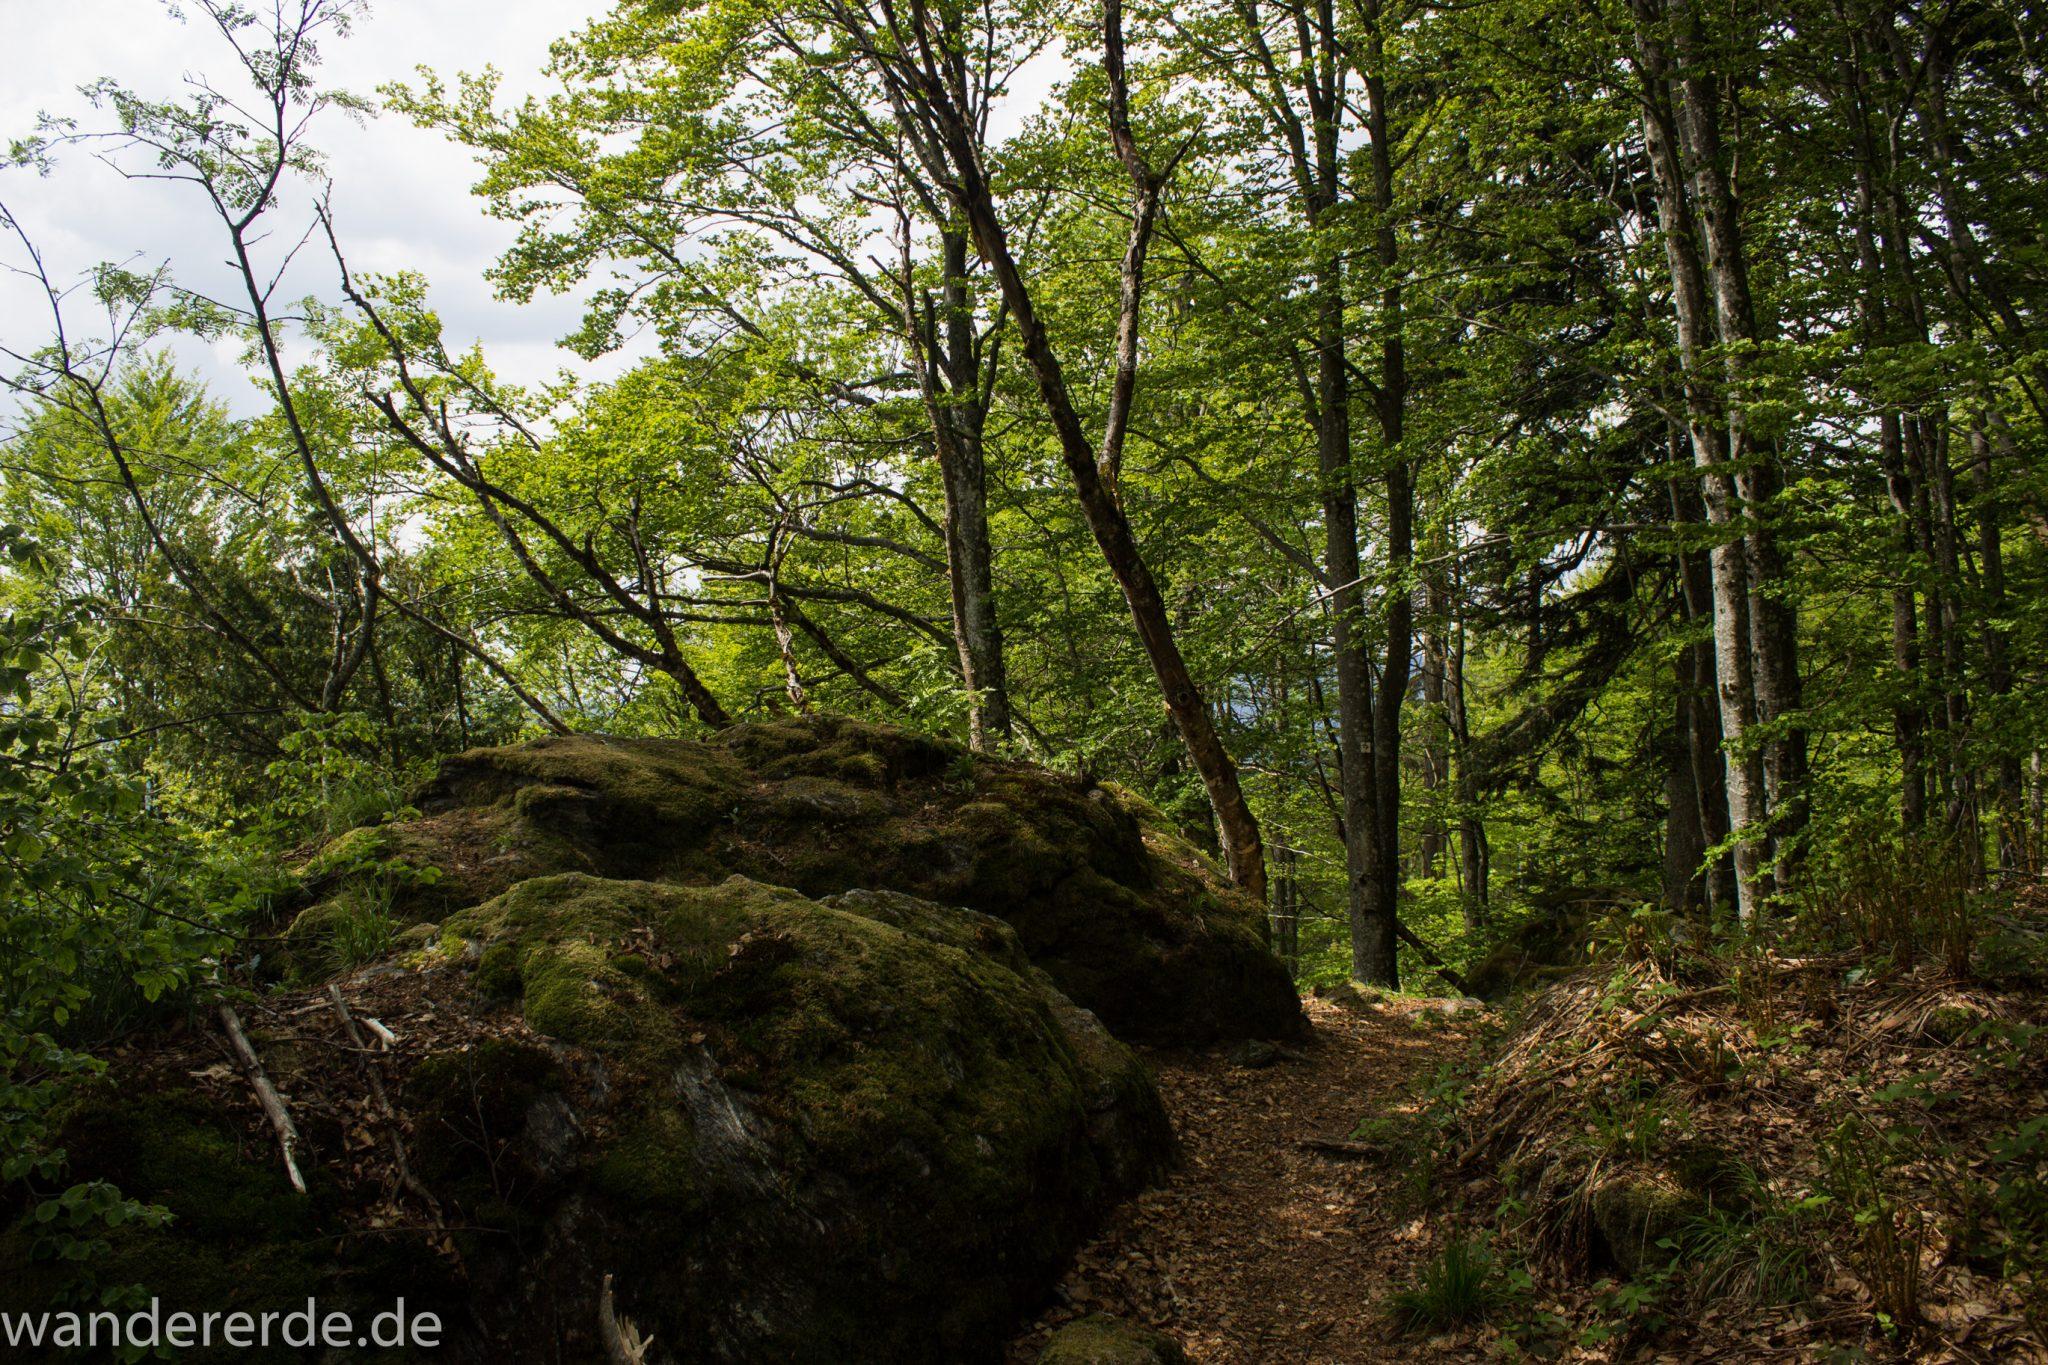 Rundwanderung zum Großen Falkenstein im Bayerischen Wald mit Start beim Zwieslerwaldhaus, auf dem Wanderweg Heidelbeere mit traumhaft schönem und dichtem Wald, toller schmaler naturbelassener Pfad mit kühlendem Schatten, Frühjahr im bayerischen Wald, riesige moosbewachsene Felsen